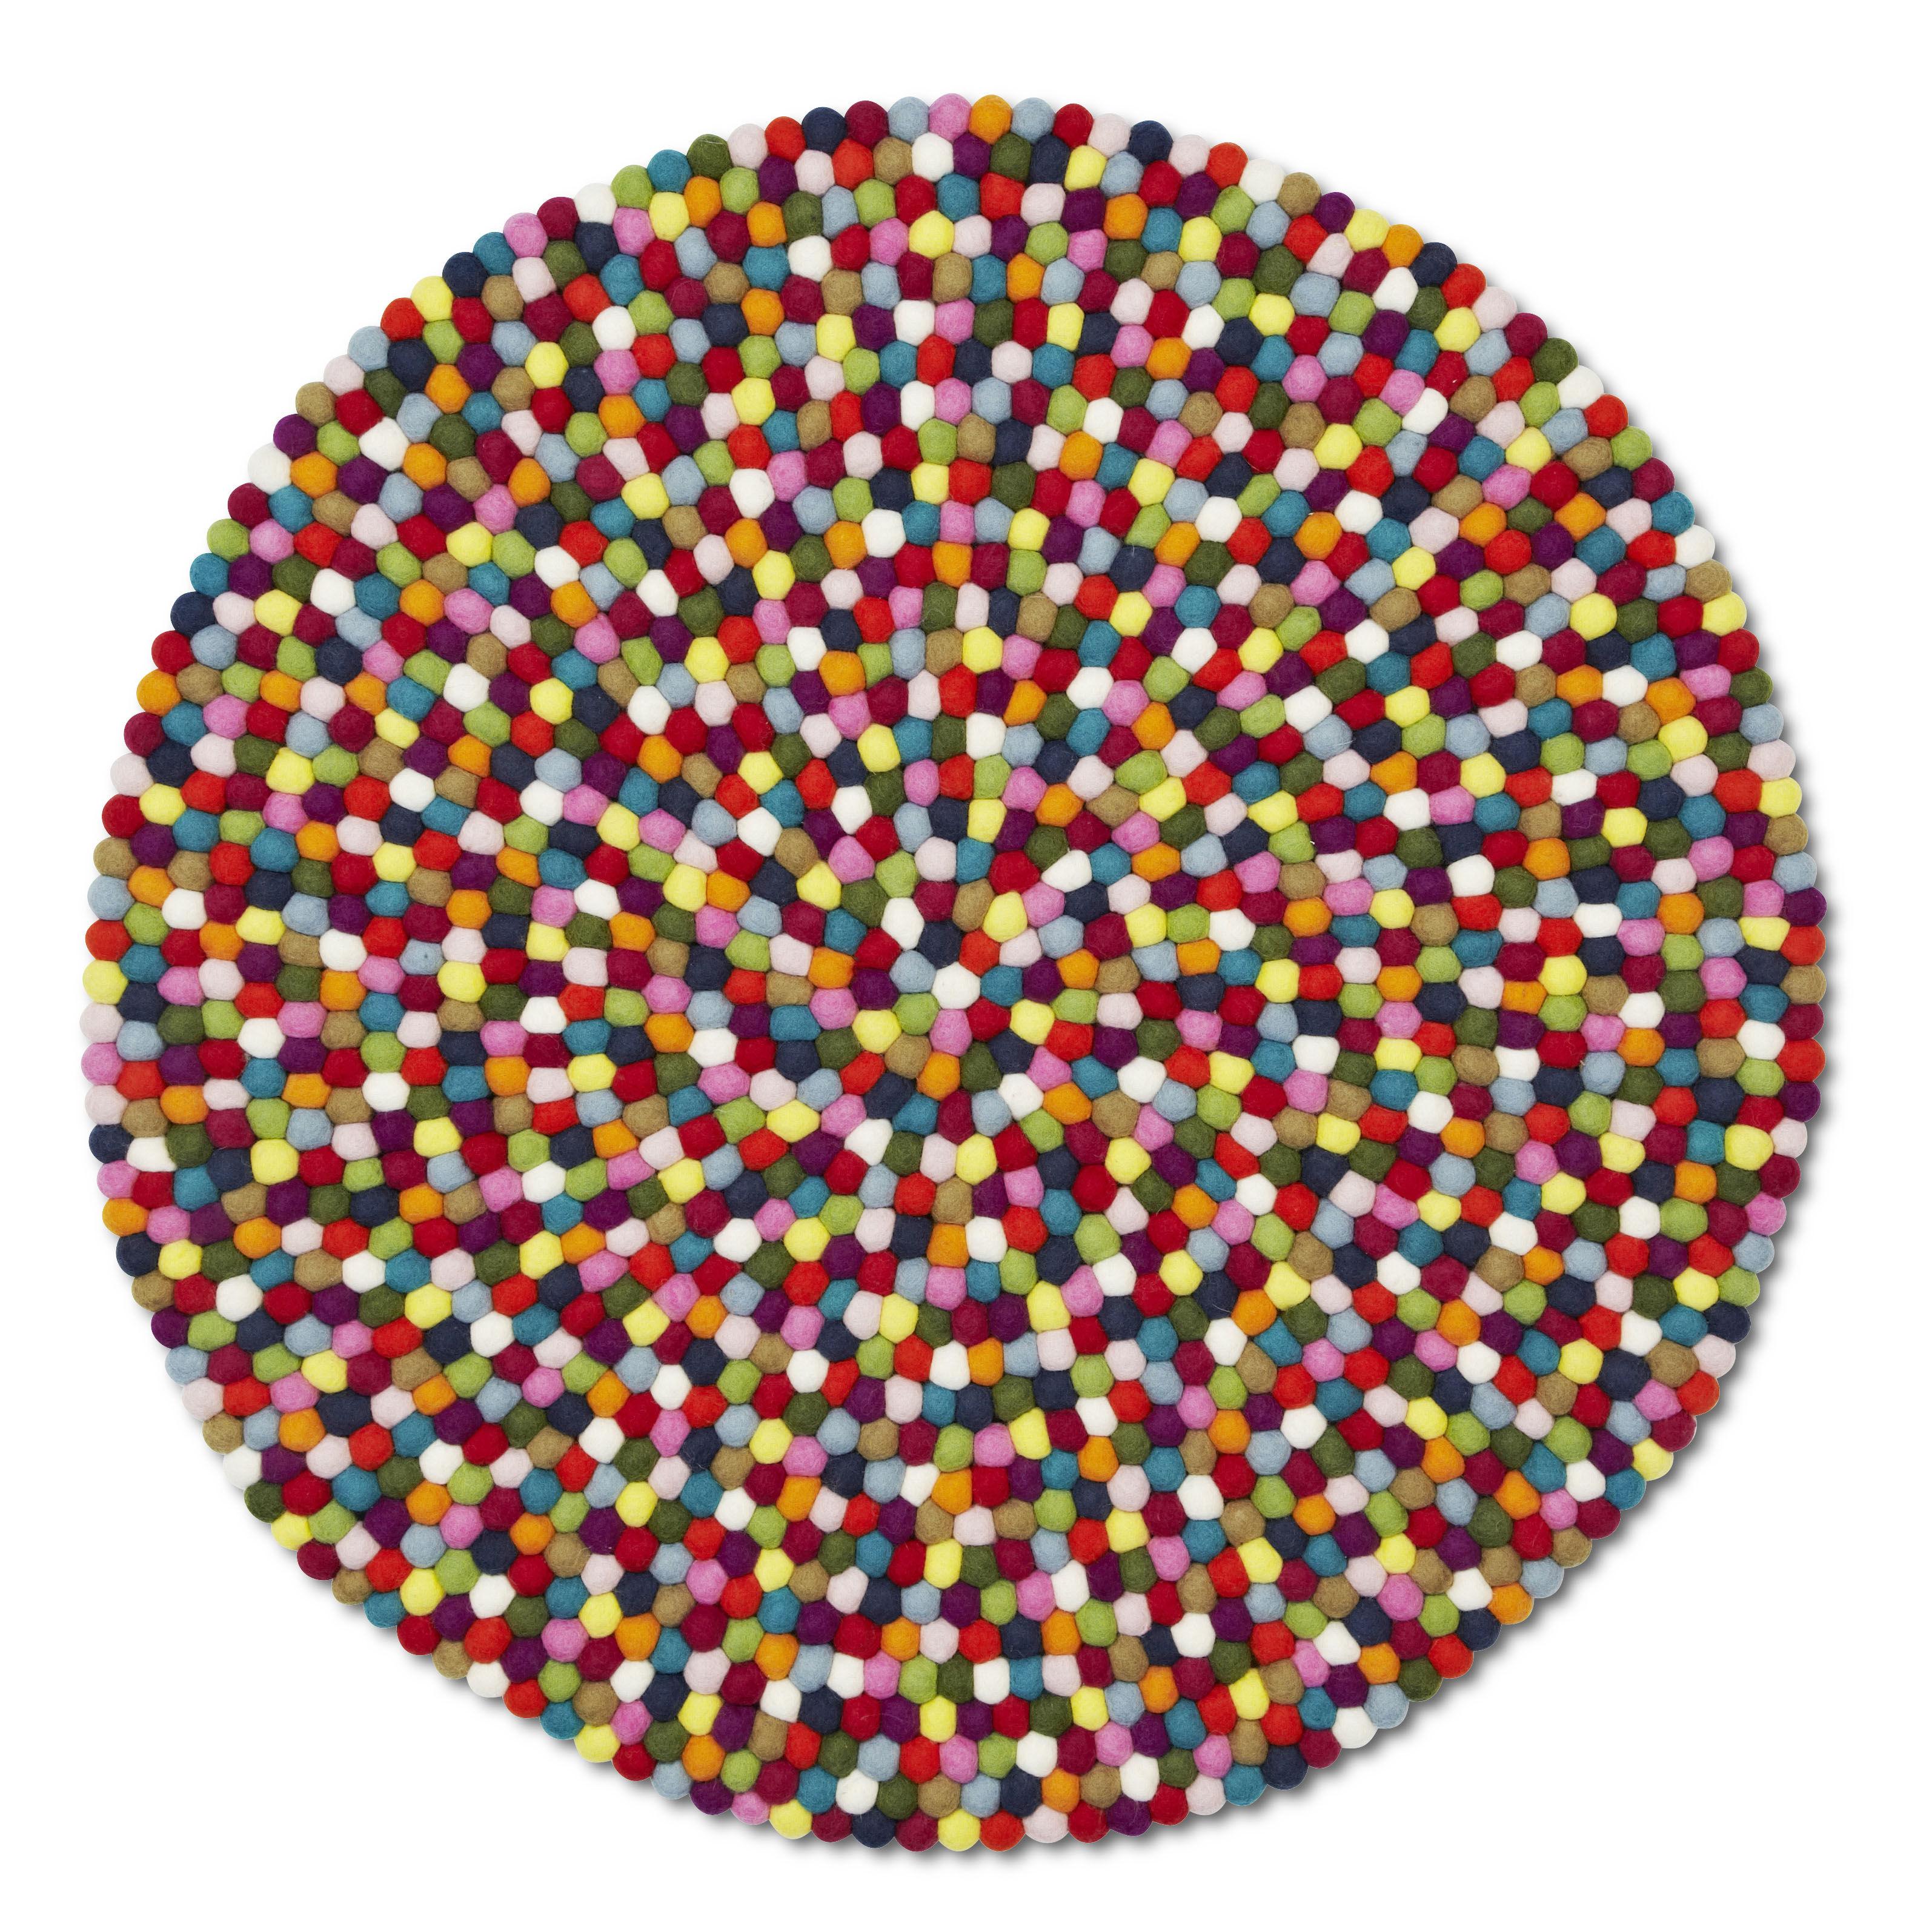 Möbel - Teppiche - Pinocchio Teppich Ø 90 cm - Hay - Mehrfarbig - Ø 90 cm - Wolle